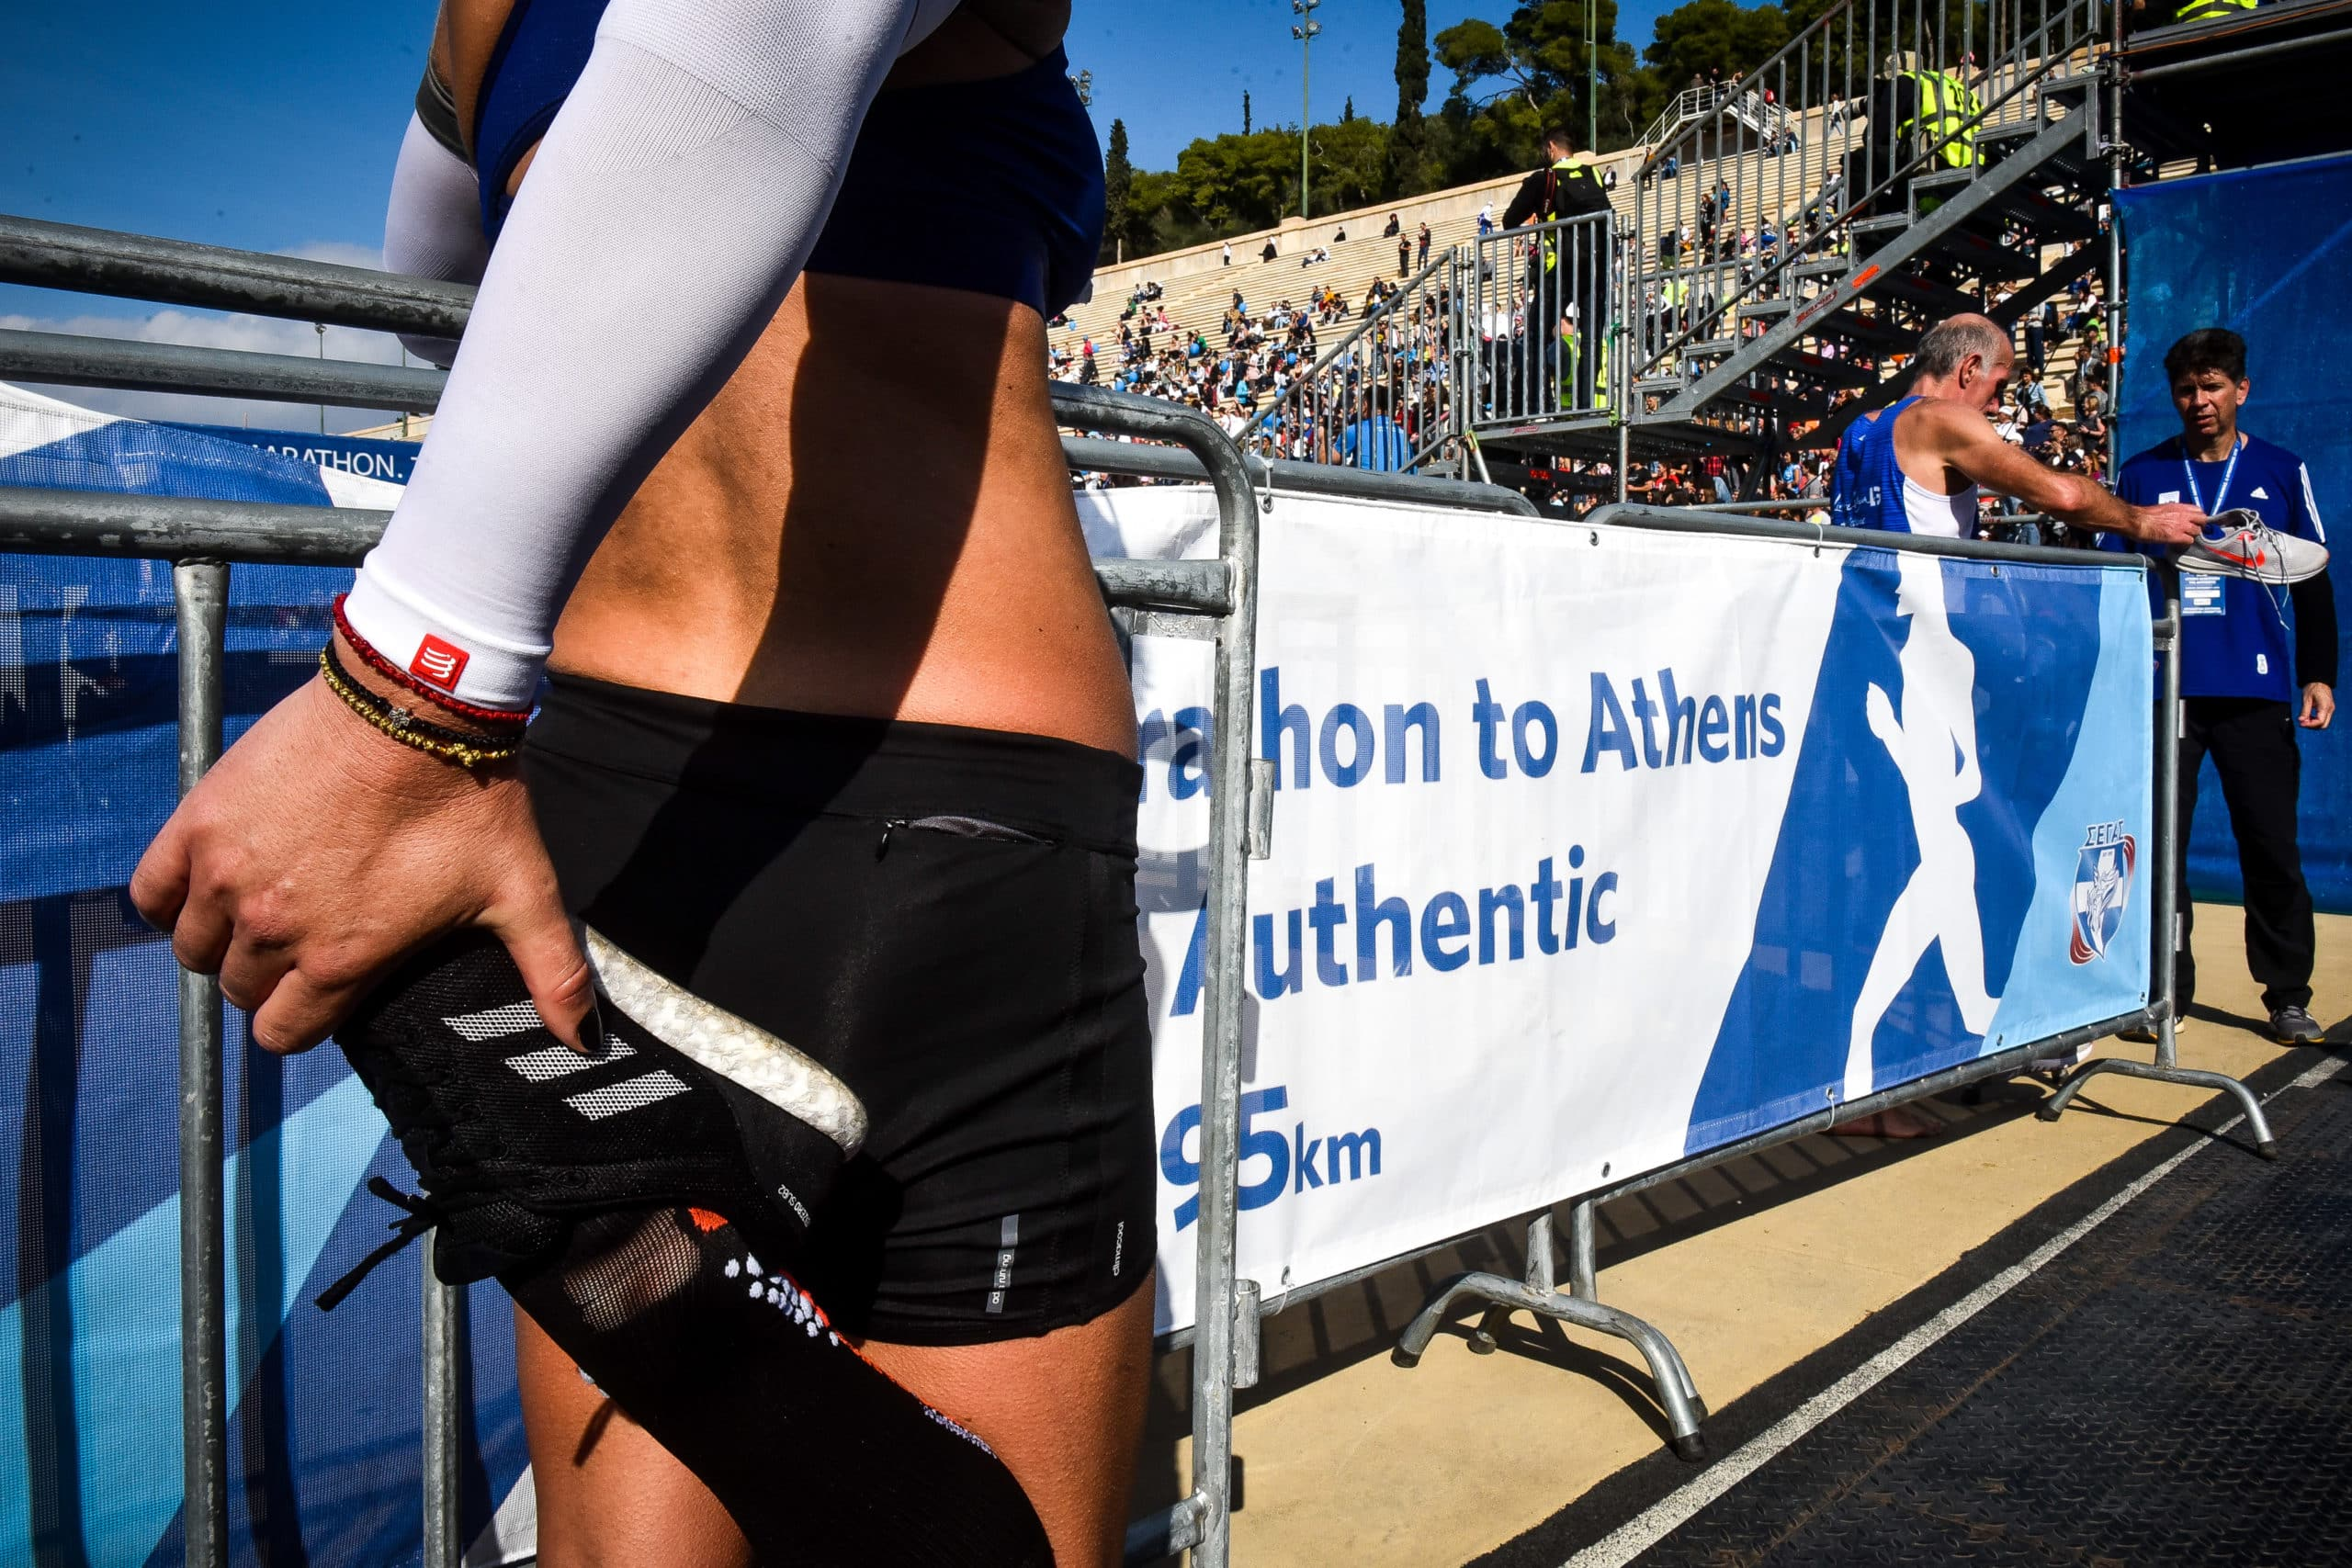 Κλειστοί δρόμοι Αθήνα 10/11/2019 – Αυθεντικός Μαραθώνιος Αθήνας στην Κυριακή 10 Νοεμβρίου - Κυκλοφοριακές ρυθμίσεις στην πόλη και την Αττική